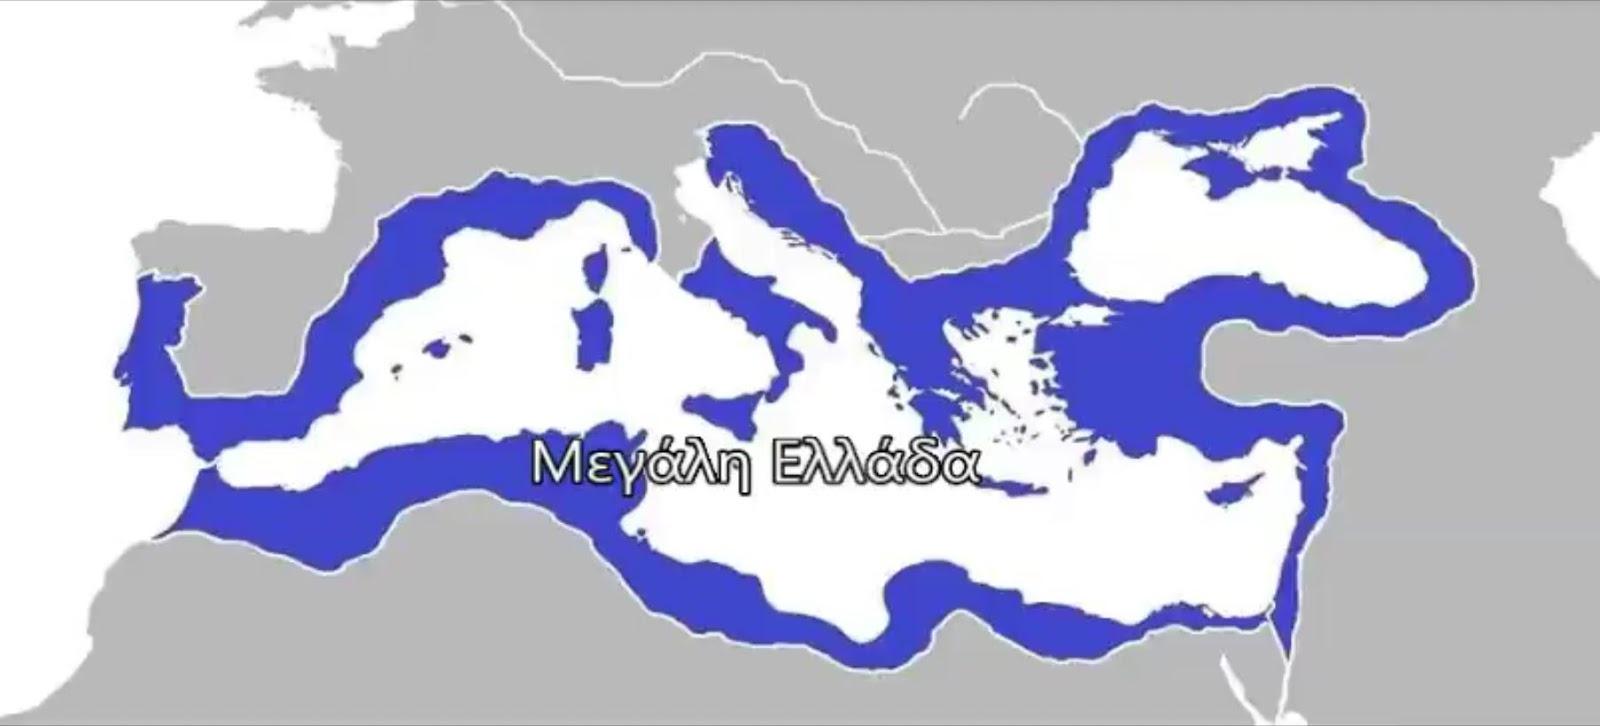 Δείτε το ΕΚΠΛΗΚΤΙΚΟ ΒΙΝΤΕΟ! Η μεγάλη Ελλάδα 1200 π.Χ